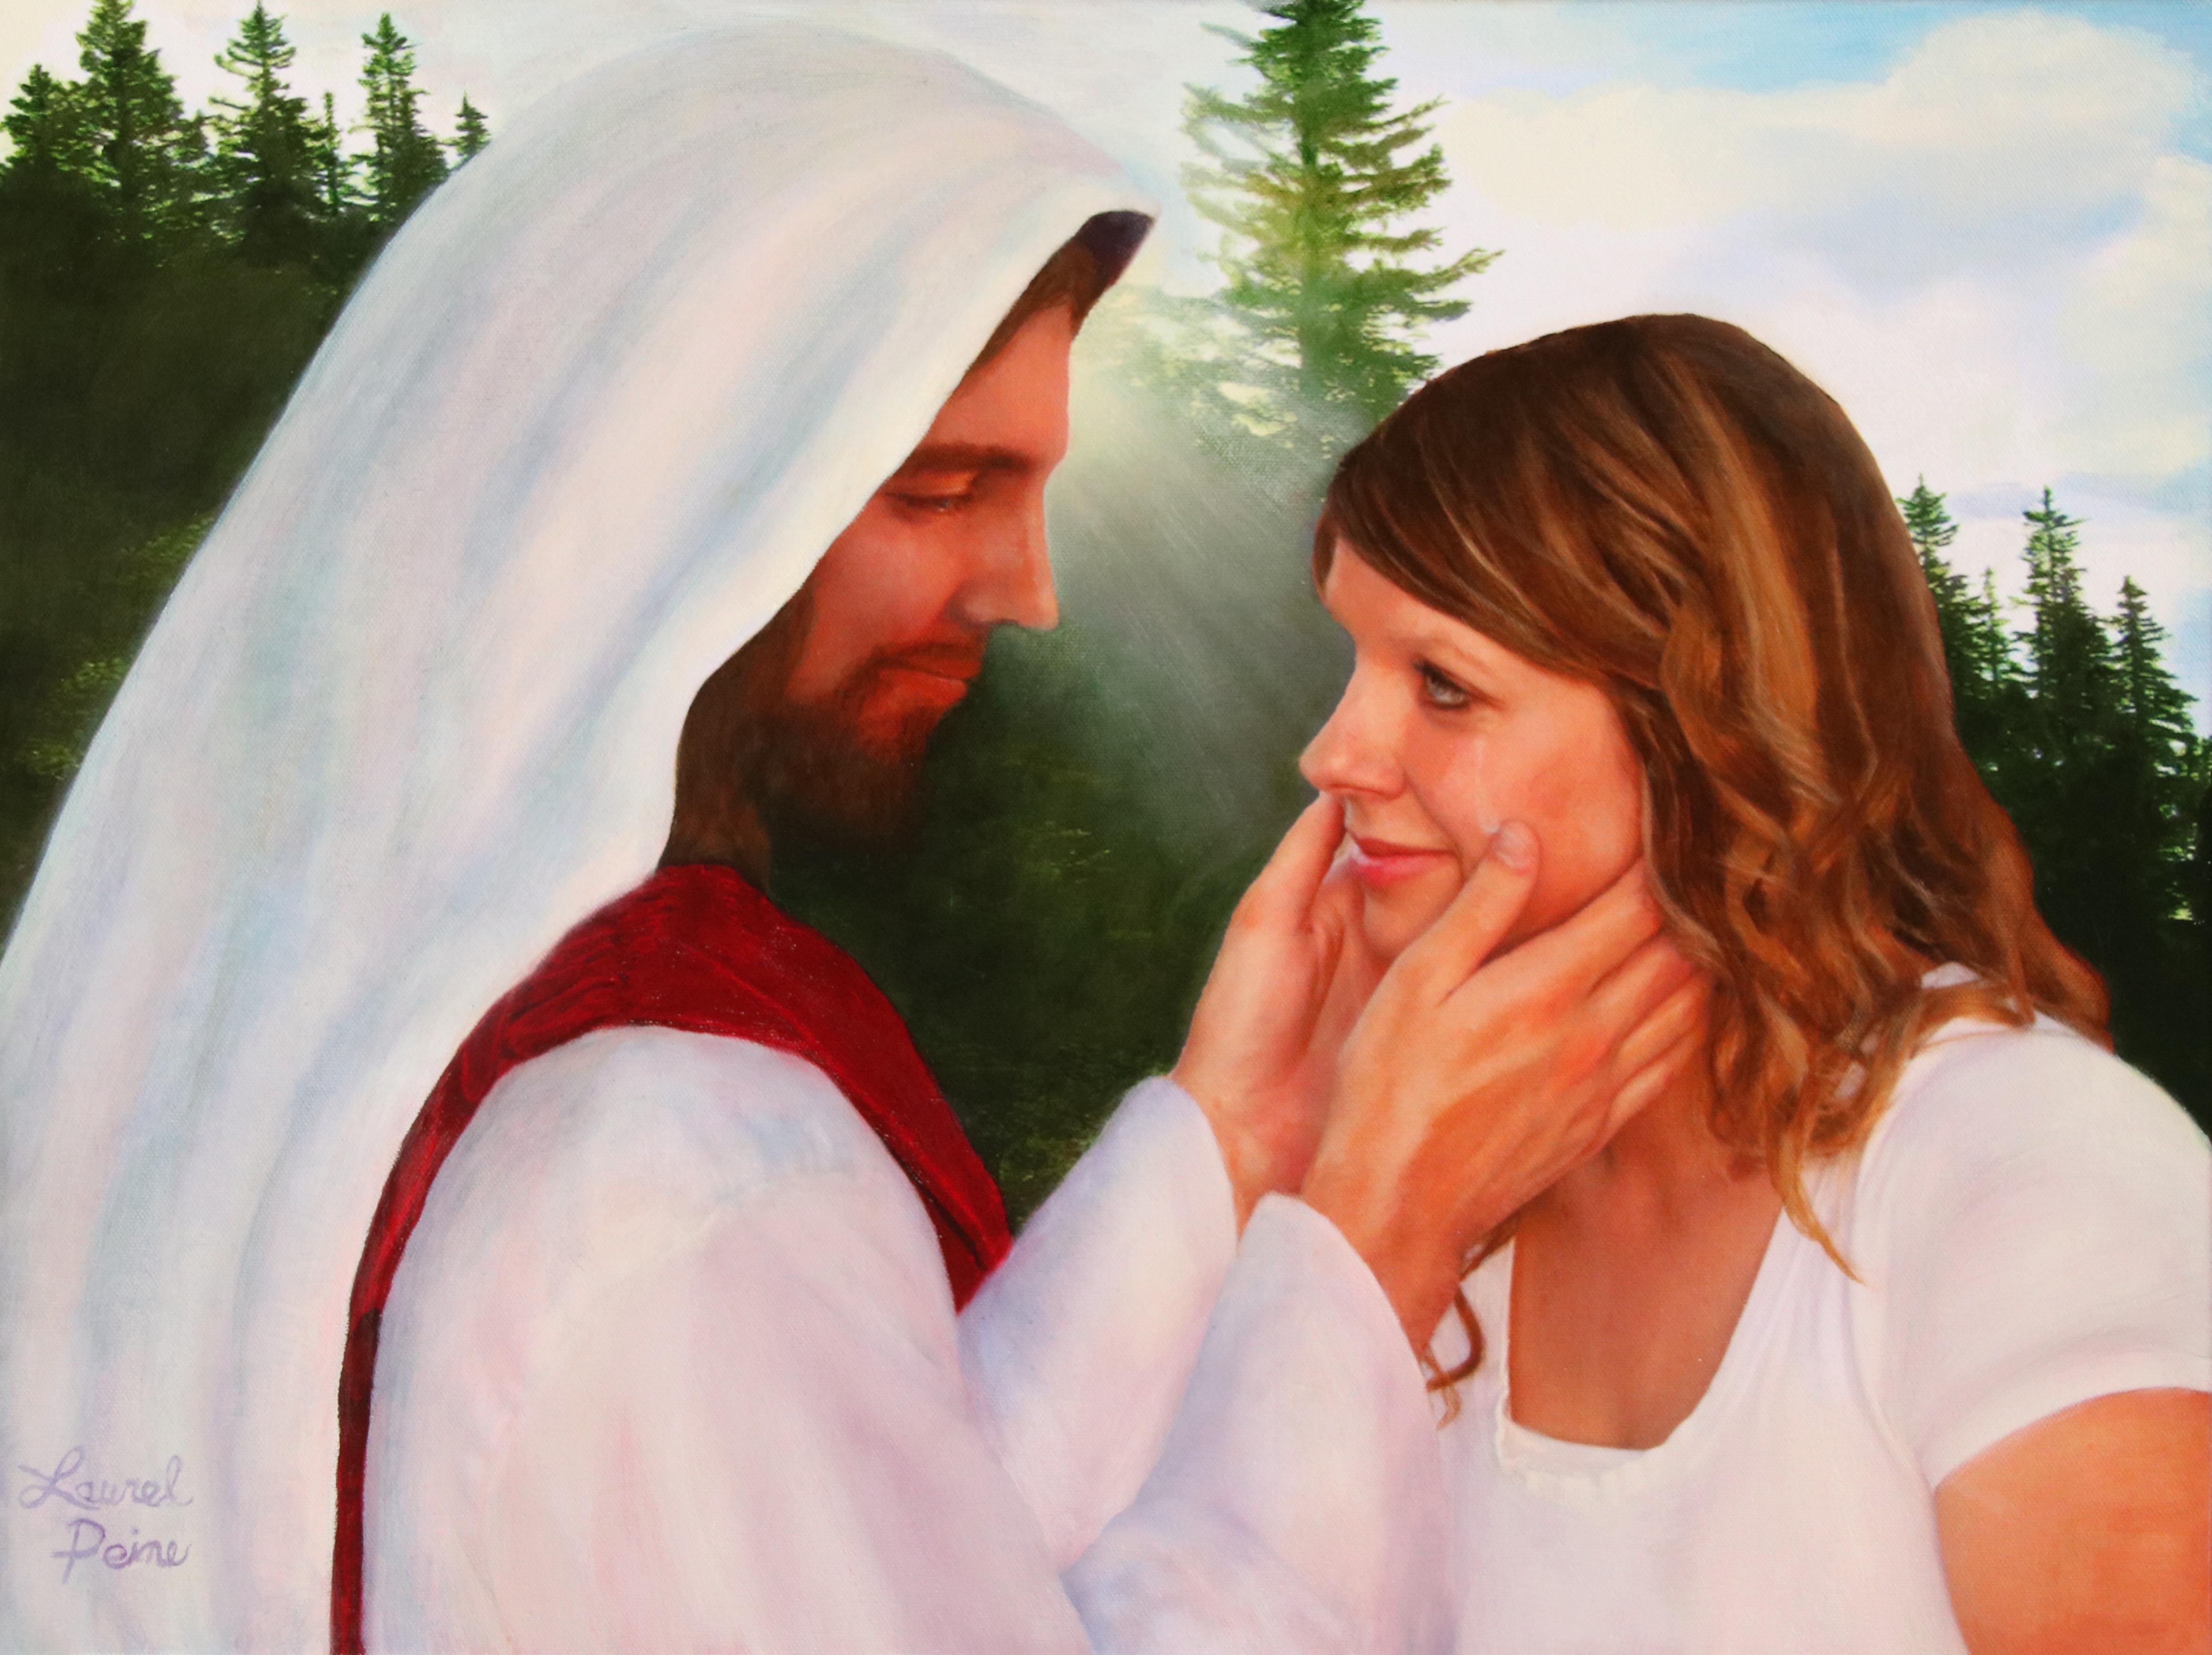 He Will Heal Your Broken Heart